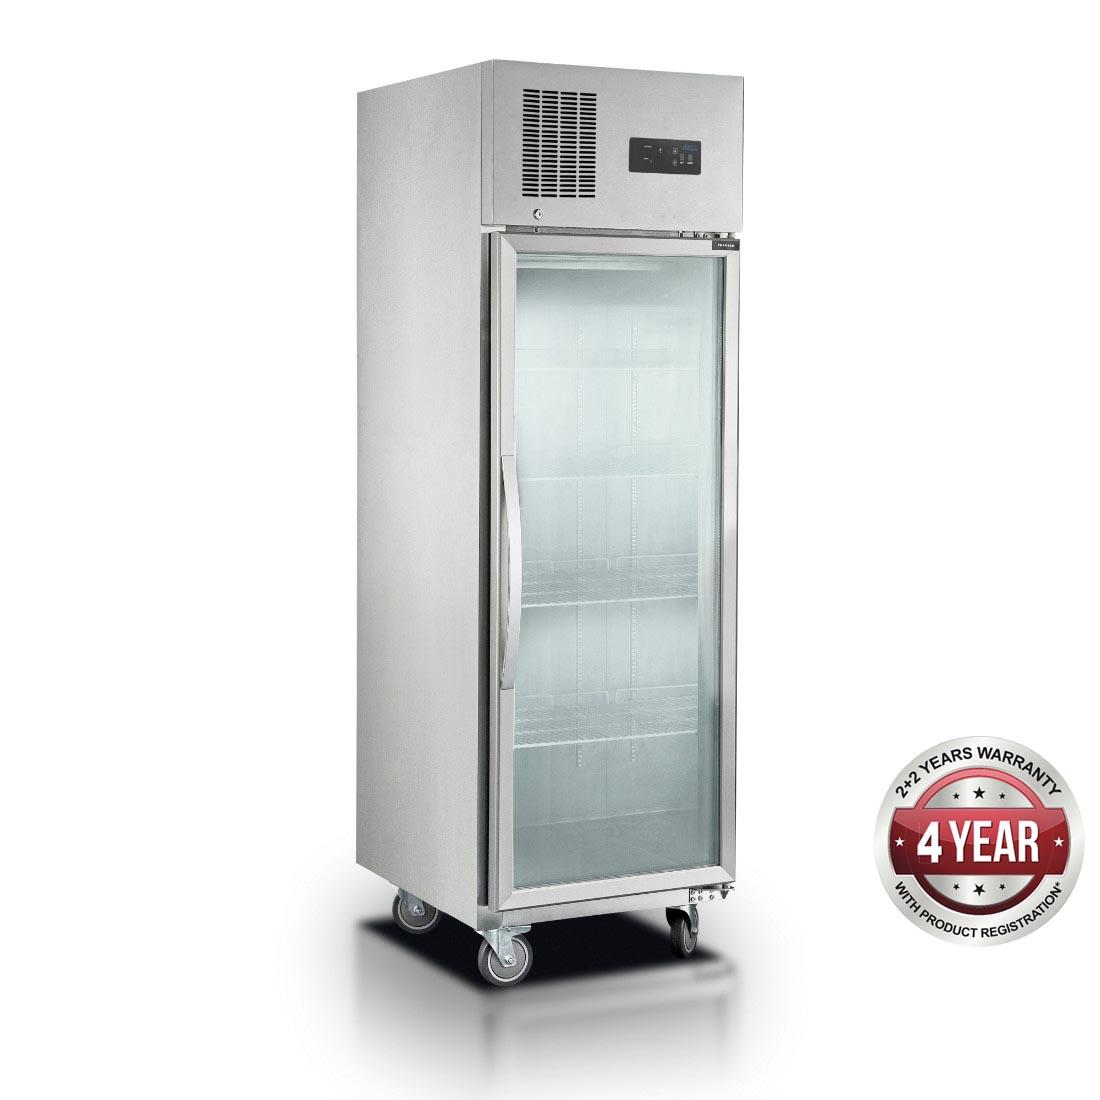 SUFG500 Single Door Display Freezer